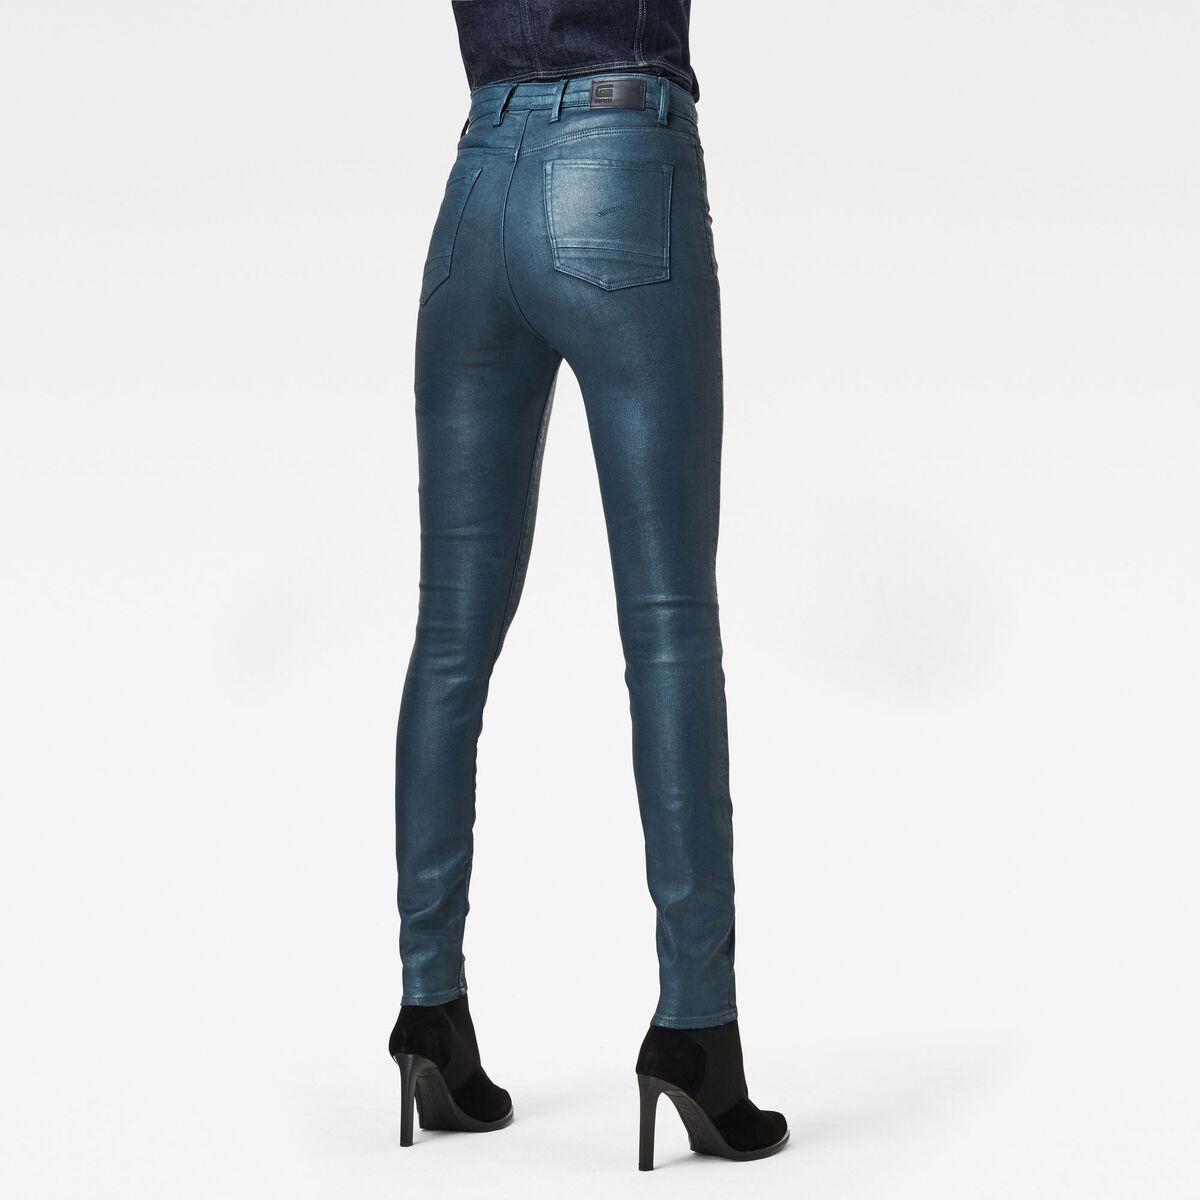 Bild 2 von Kafey Ultra High Skinny Jeans